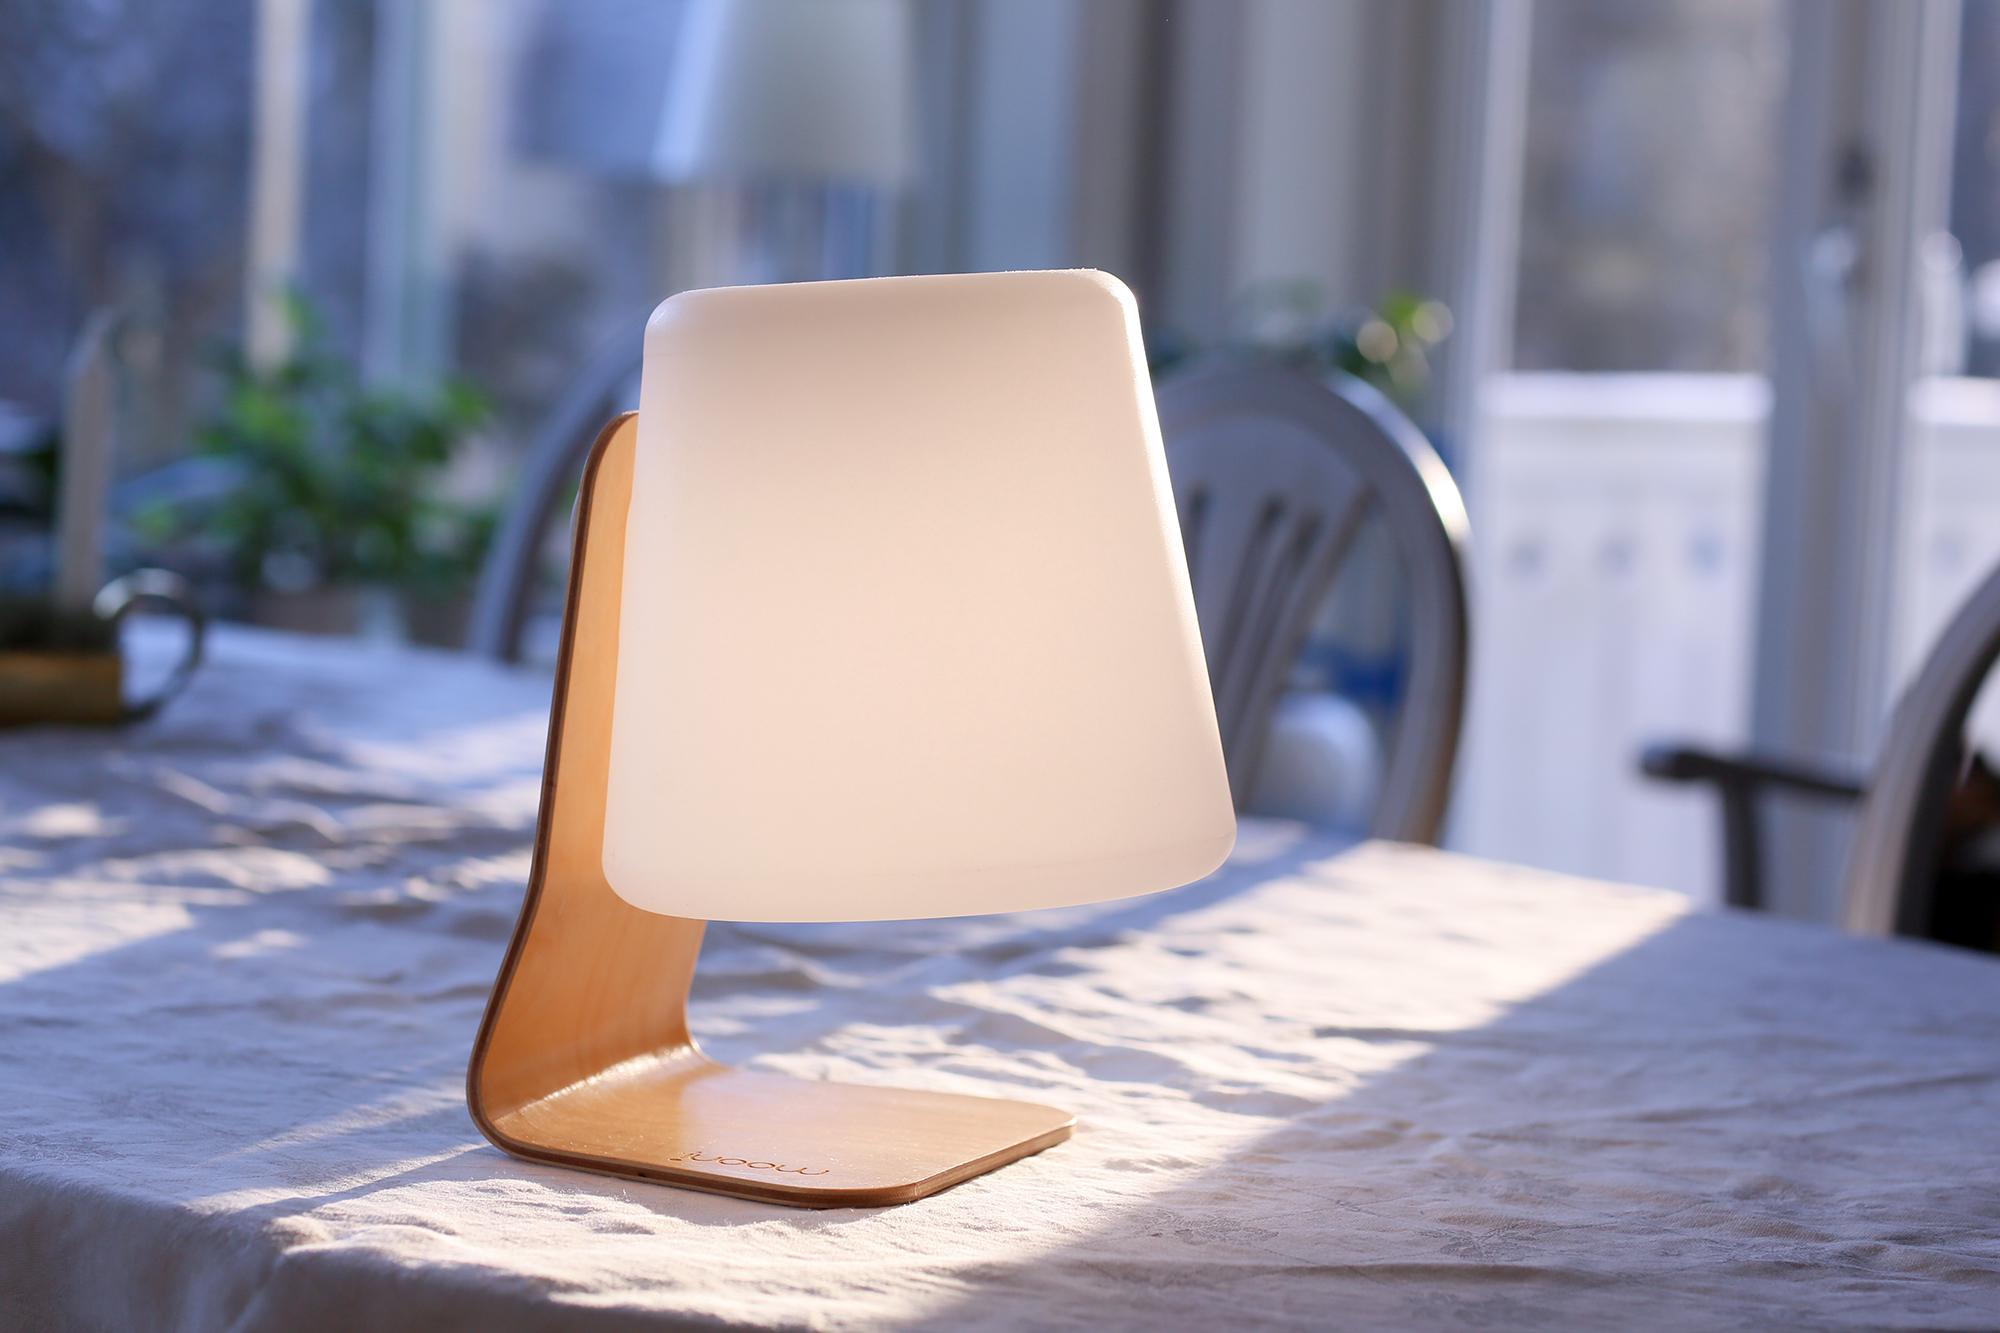 Omtyckta Belysning – Tips och Råd för dig som ska köpa lampor - Inspoguide ZG-08